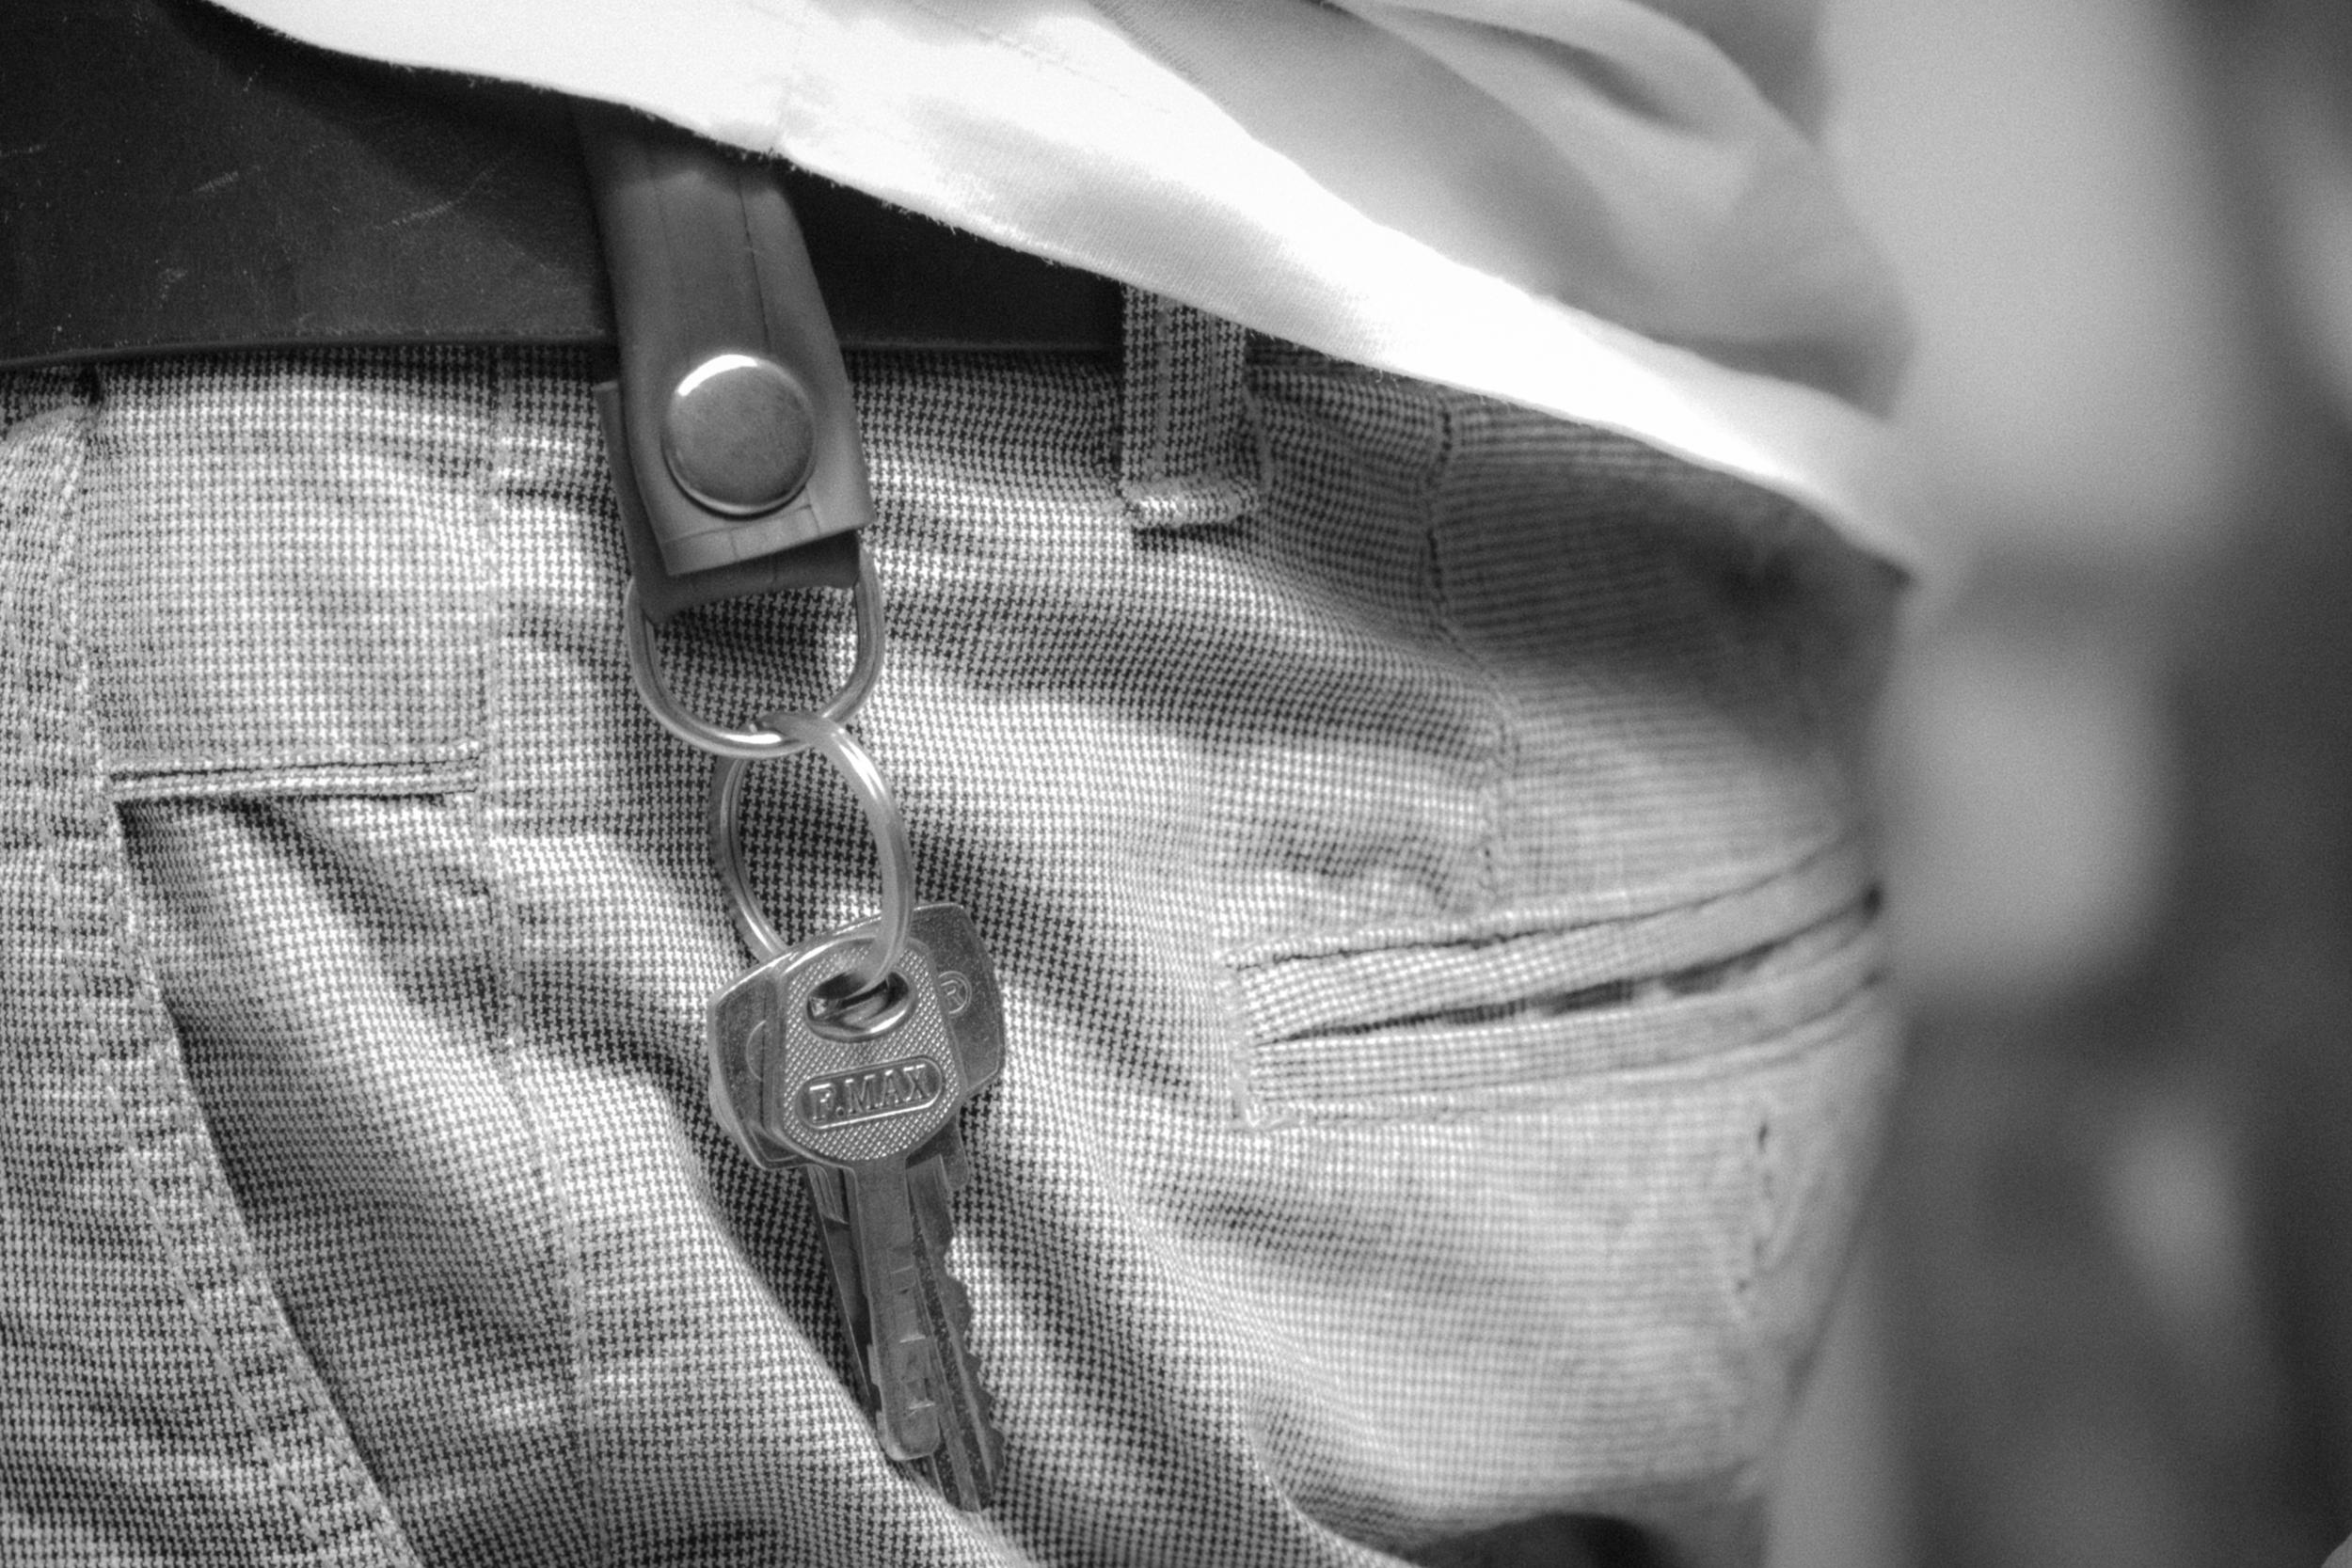 Para colocar en el cinturón gracias al broche.